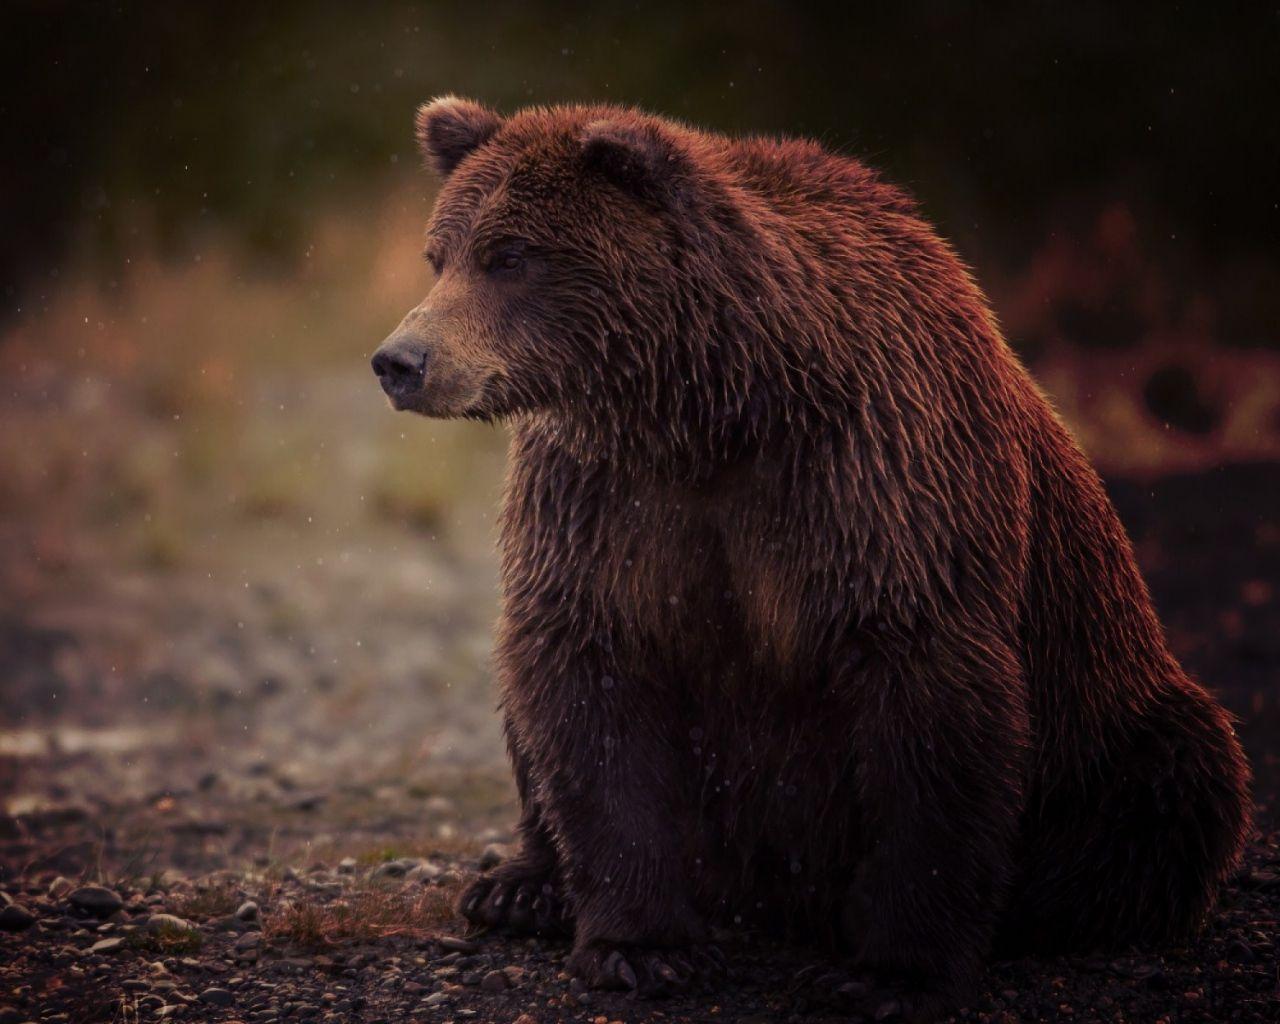 Милый символ России - медведь, бурый, мокрый, сидит, косолапый